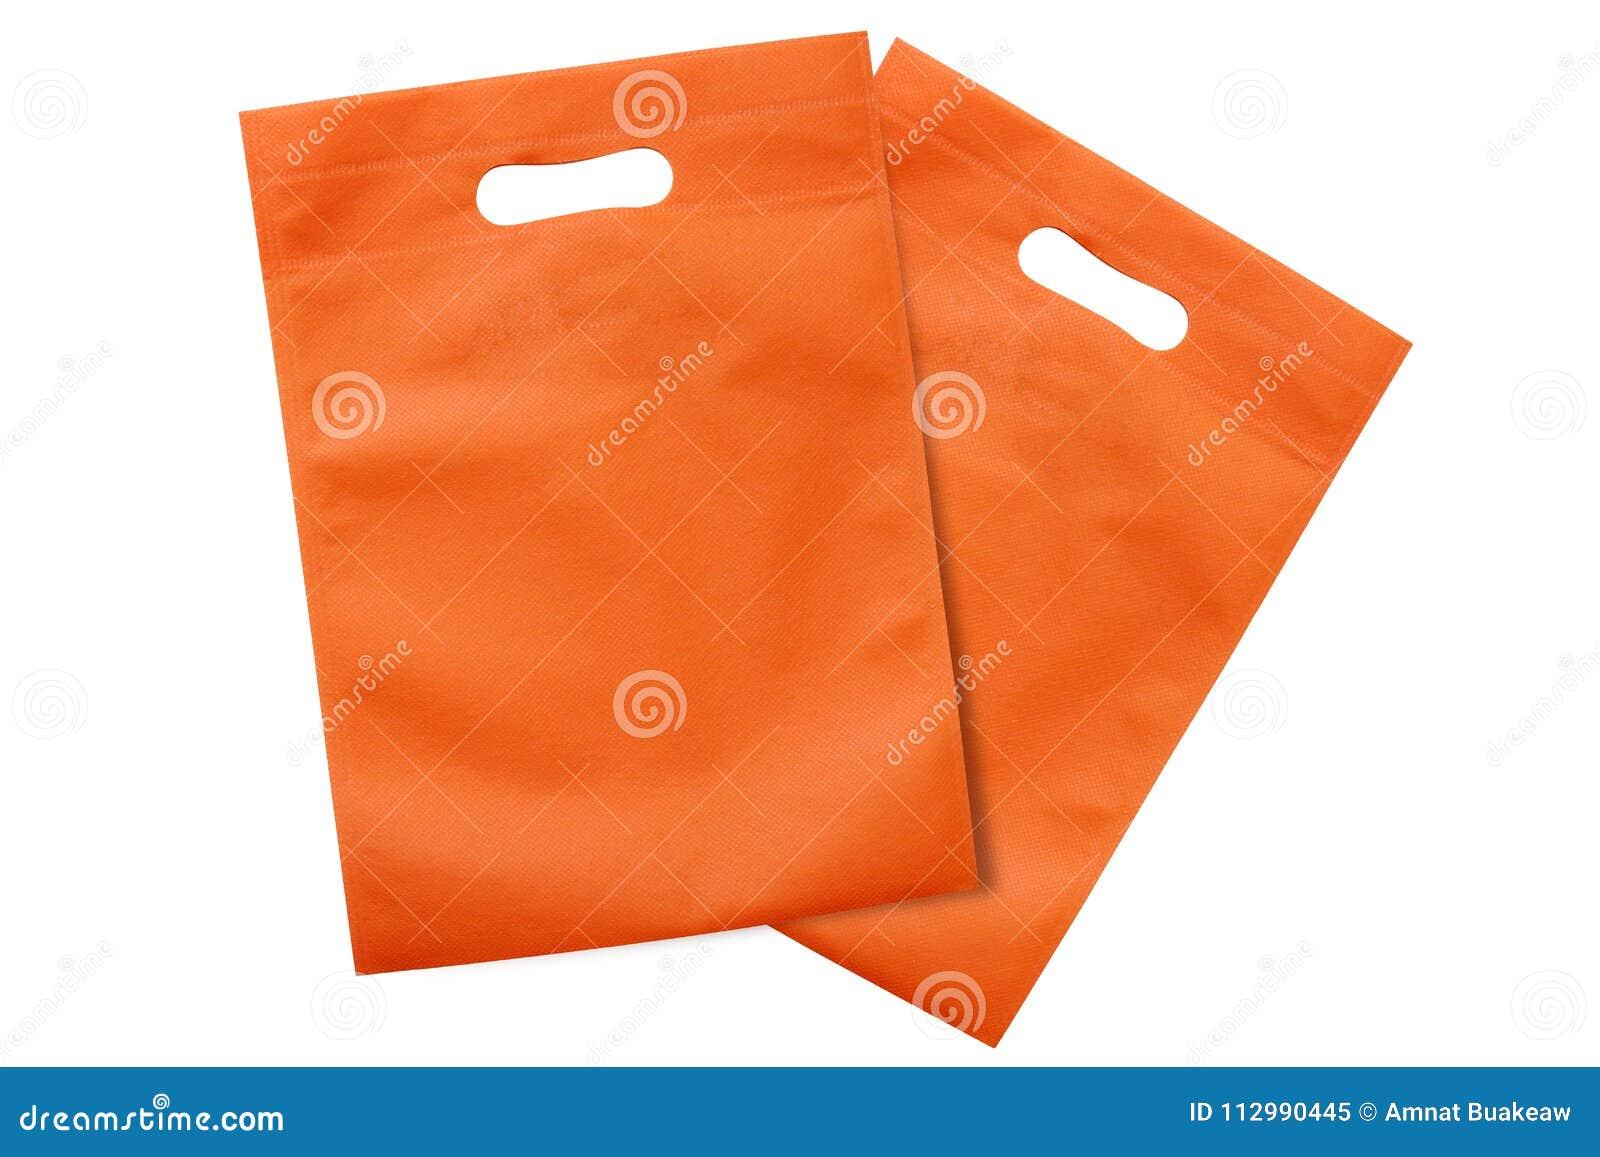 marques reconnues bonne vente de chaussures en présentant Les Sacs Oranges, Tissu D'eco Met En Sac Pour Réduire Le ...